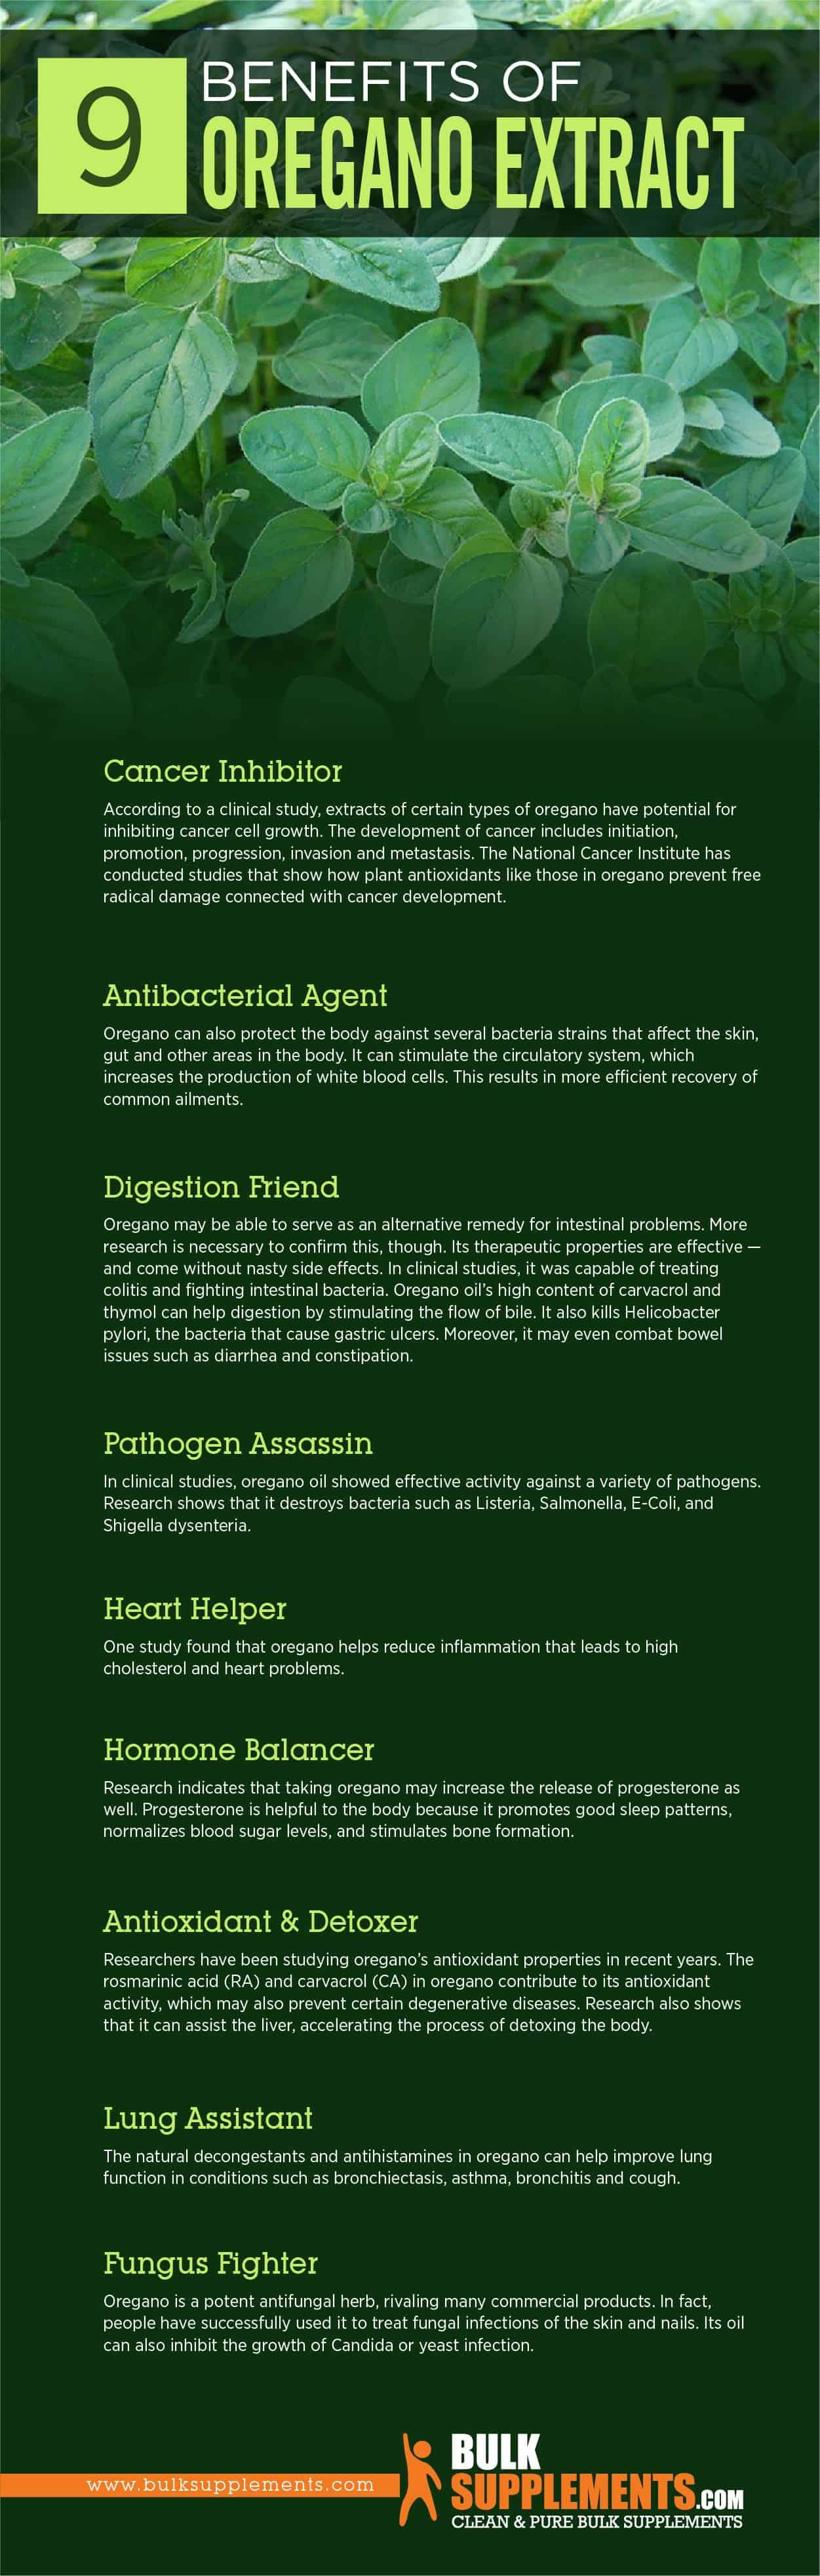 Oregano Extract Benefits